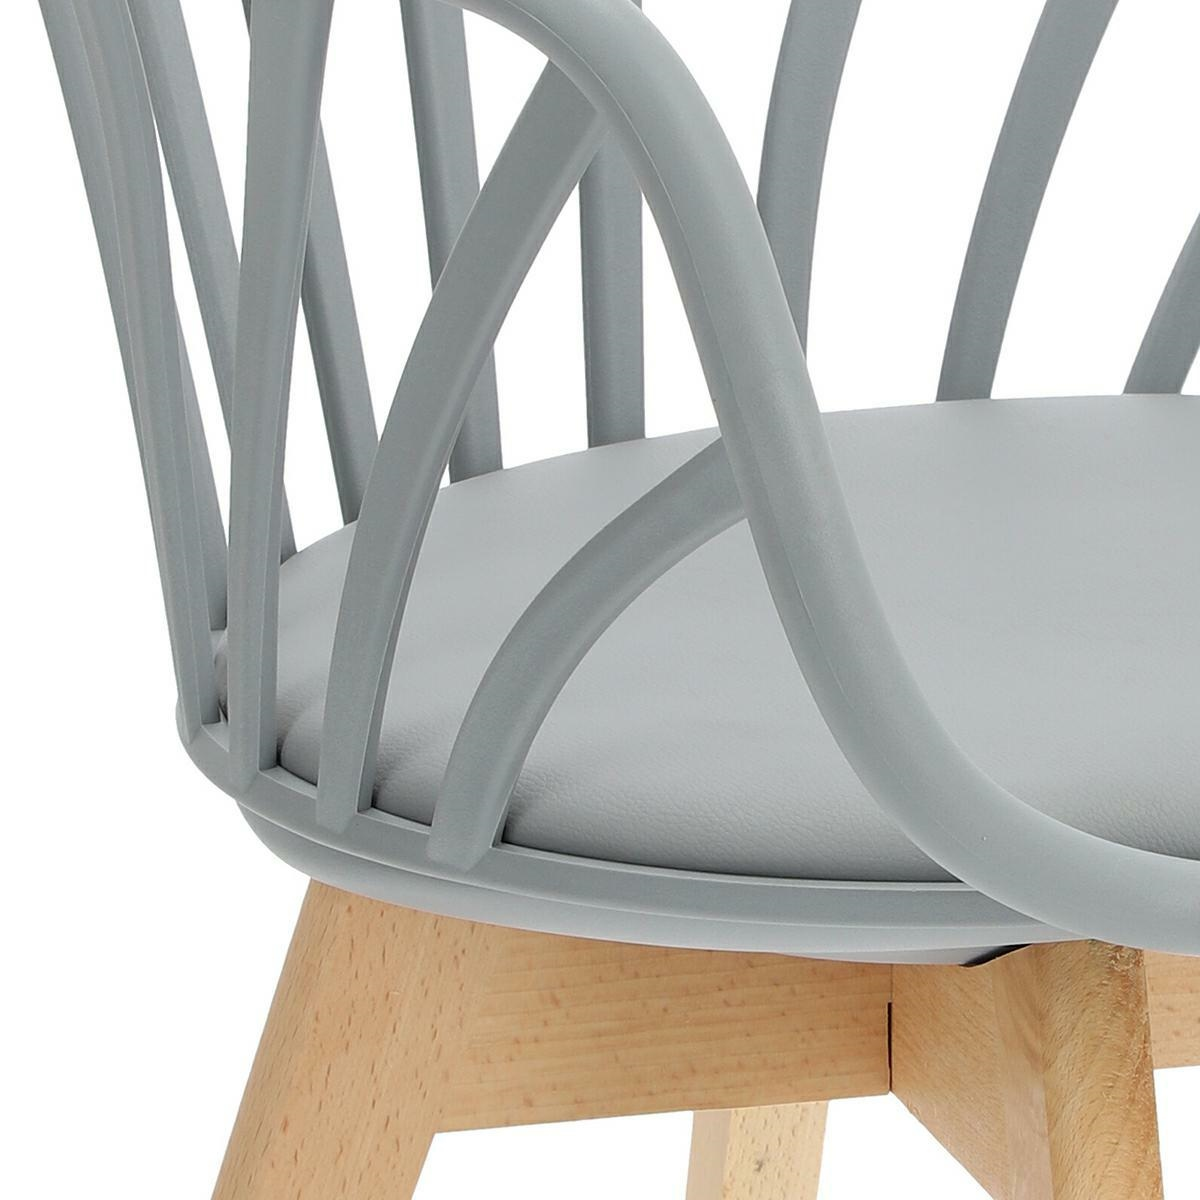 Krzesło Sirena z podłokietnikami szare - zdjęcie nr 18